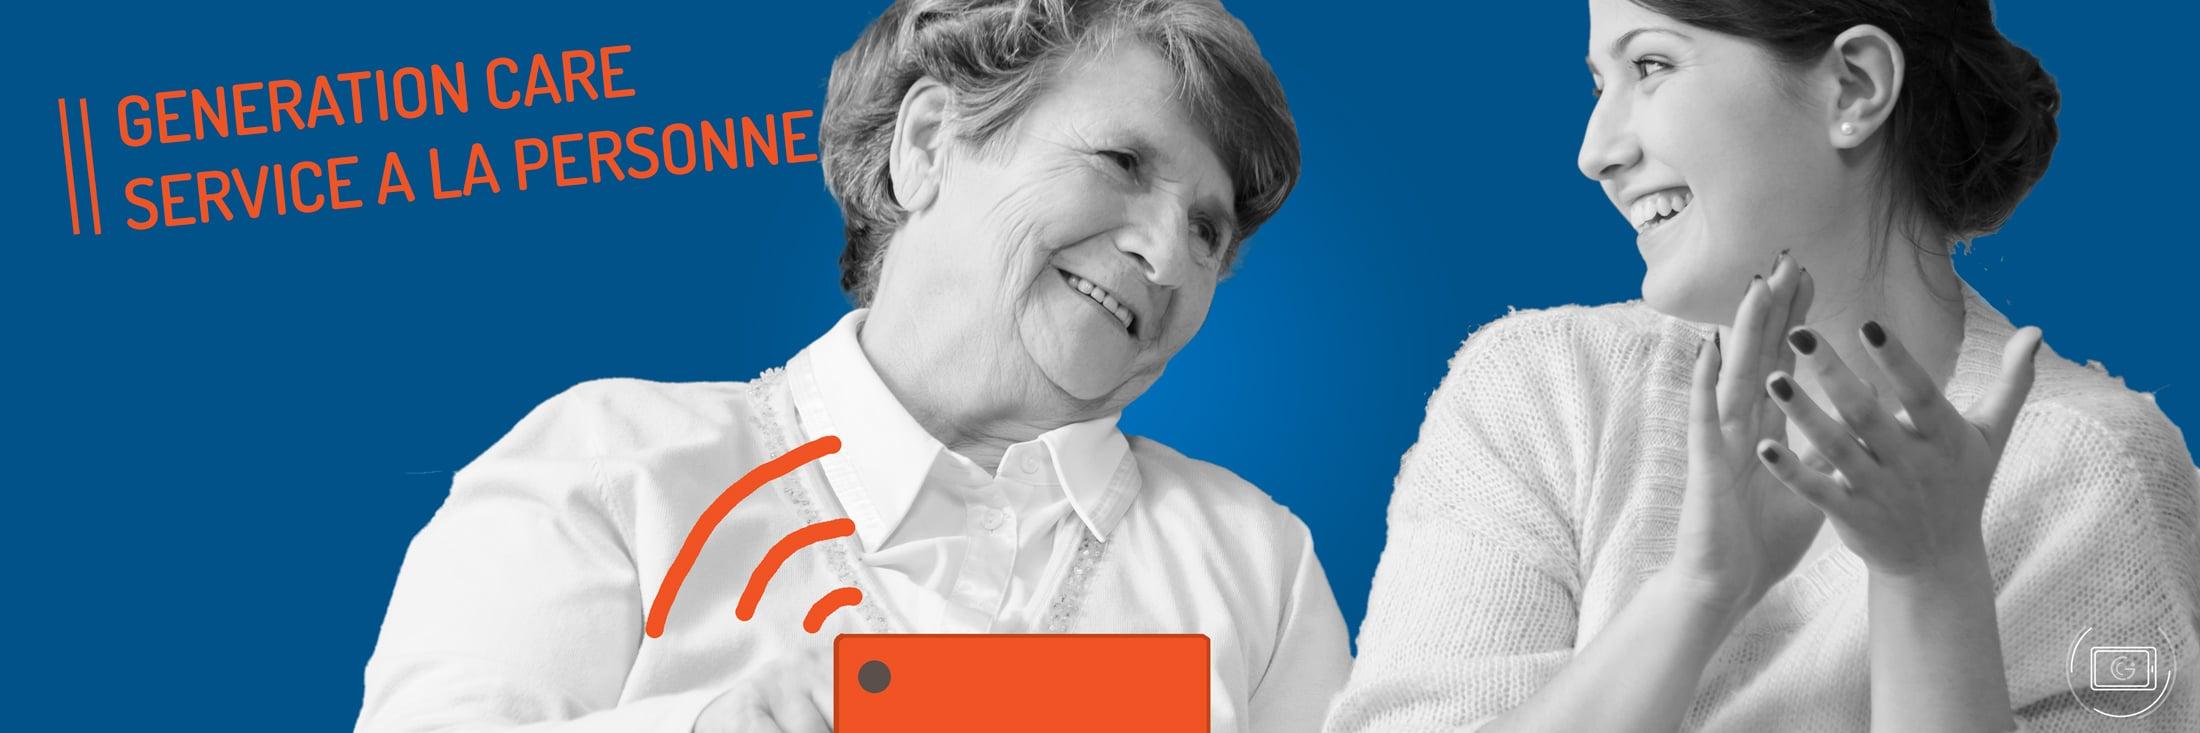 Generation Care Telesuivi Medical pour les entreprises de service à la personne